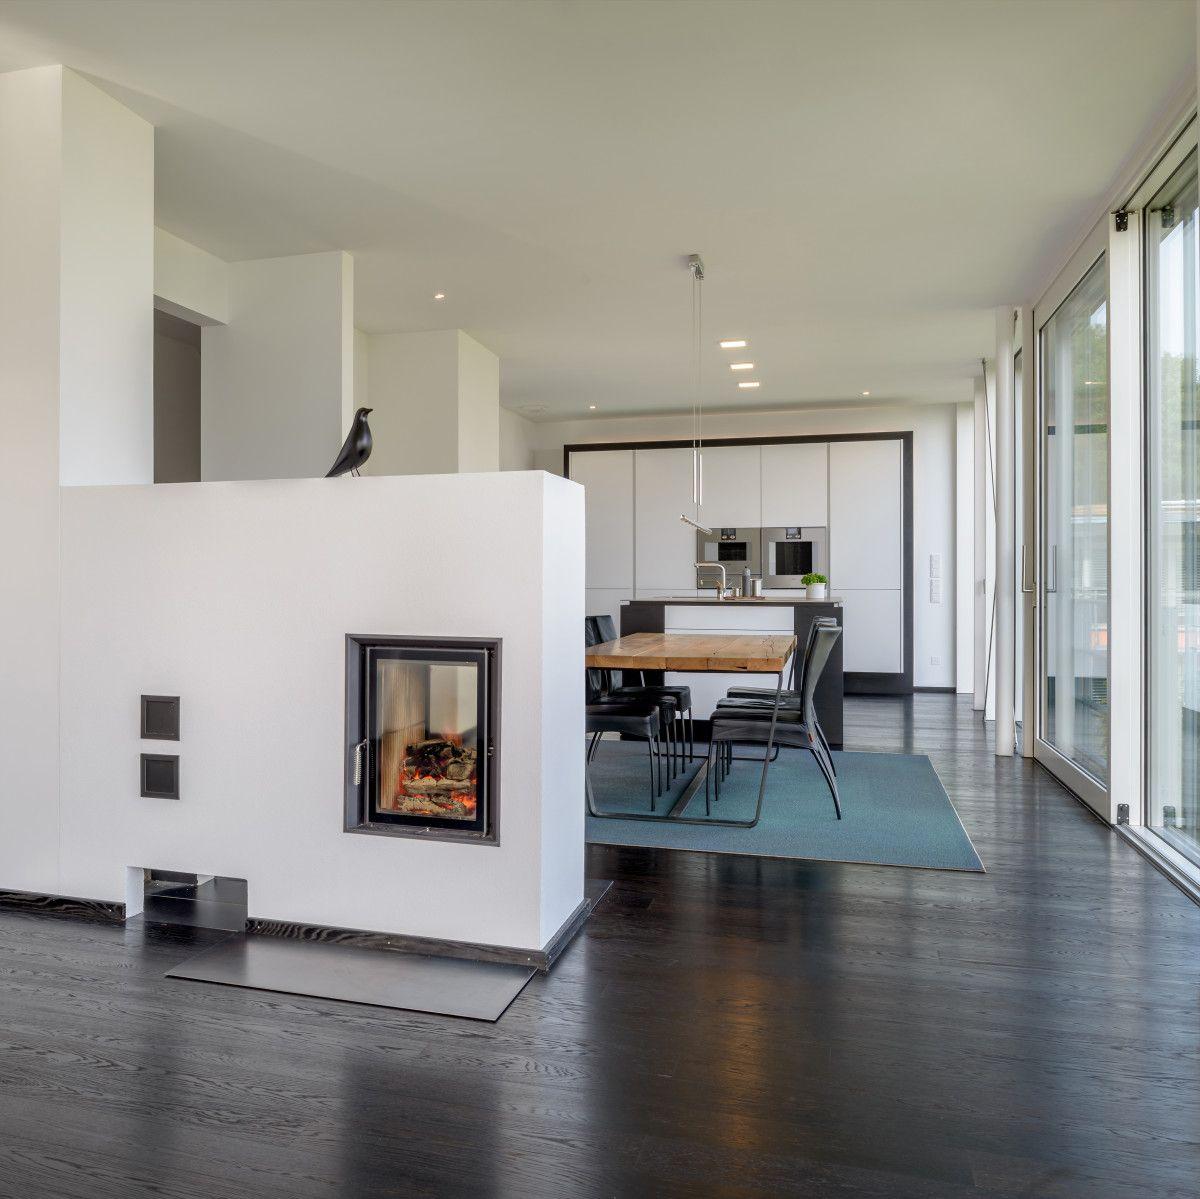 Wohnzimmer des modernen interieurs des hauses inneneinrichtung haus pawliczec von baufritz  modernes wohnzimmer